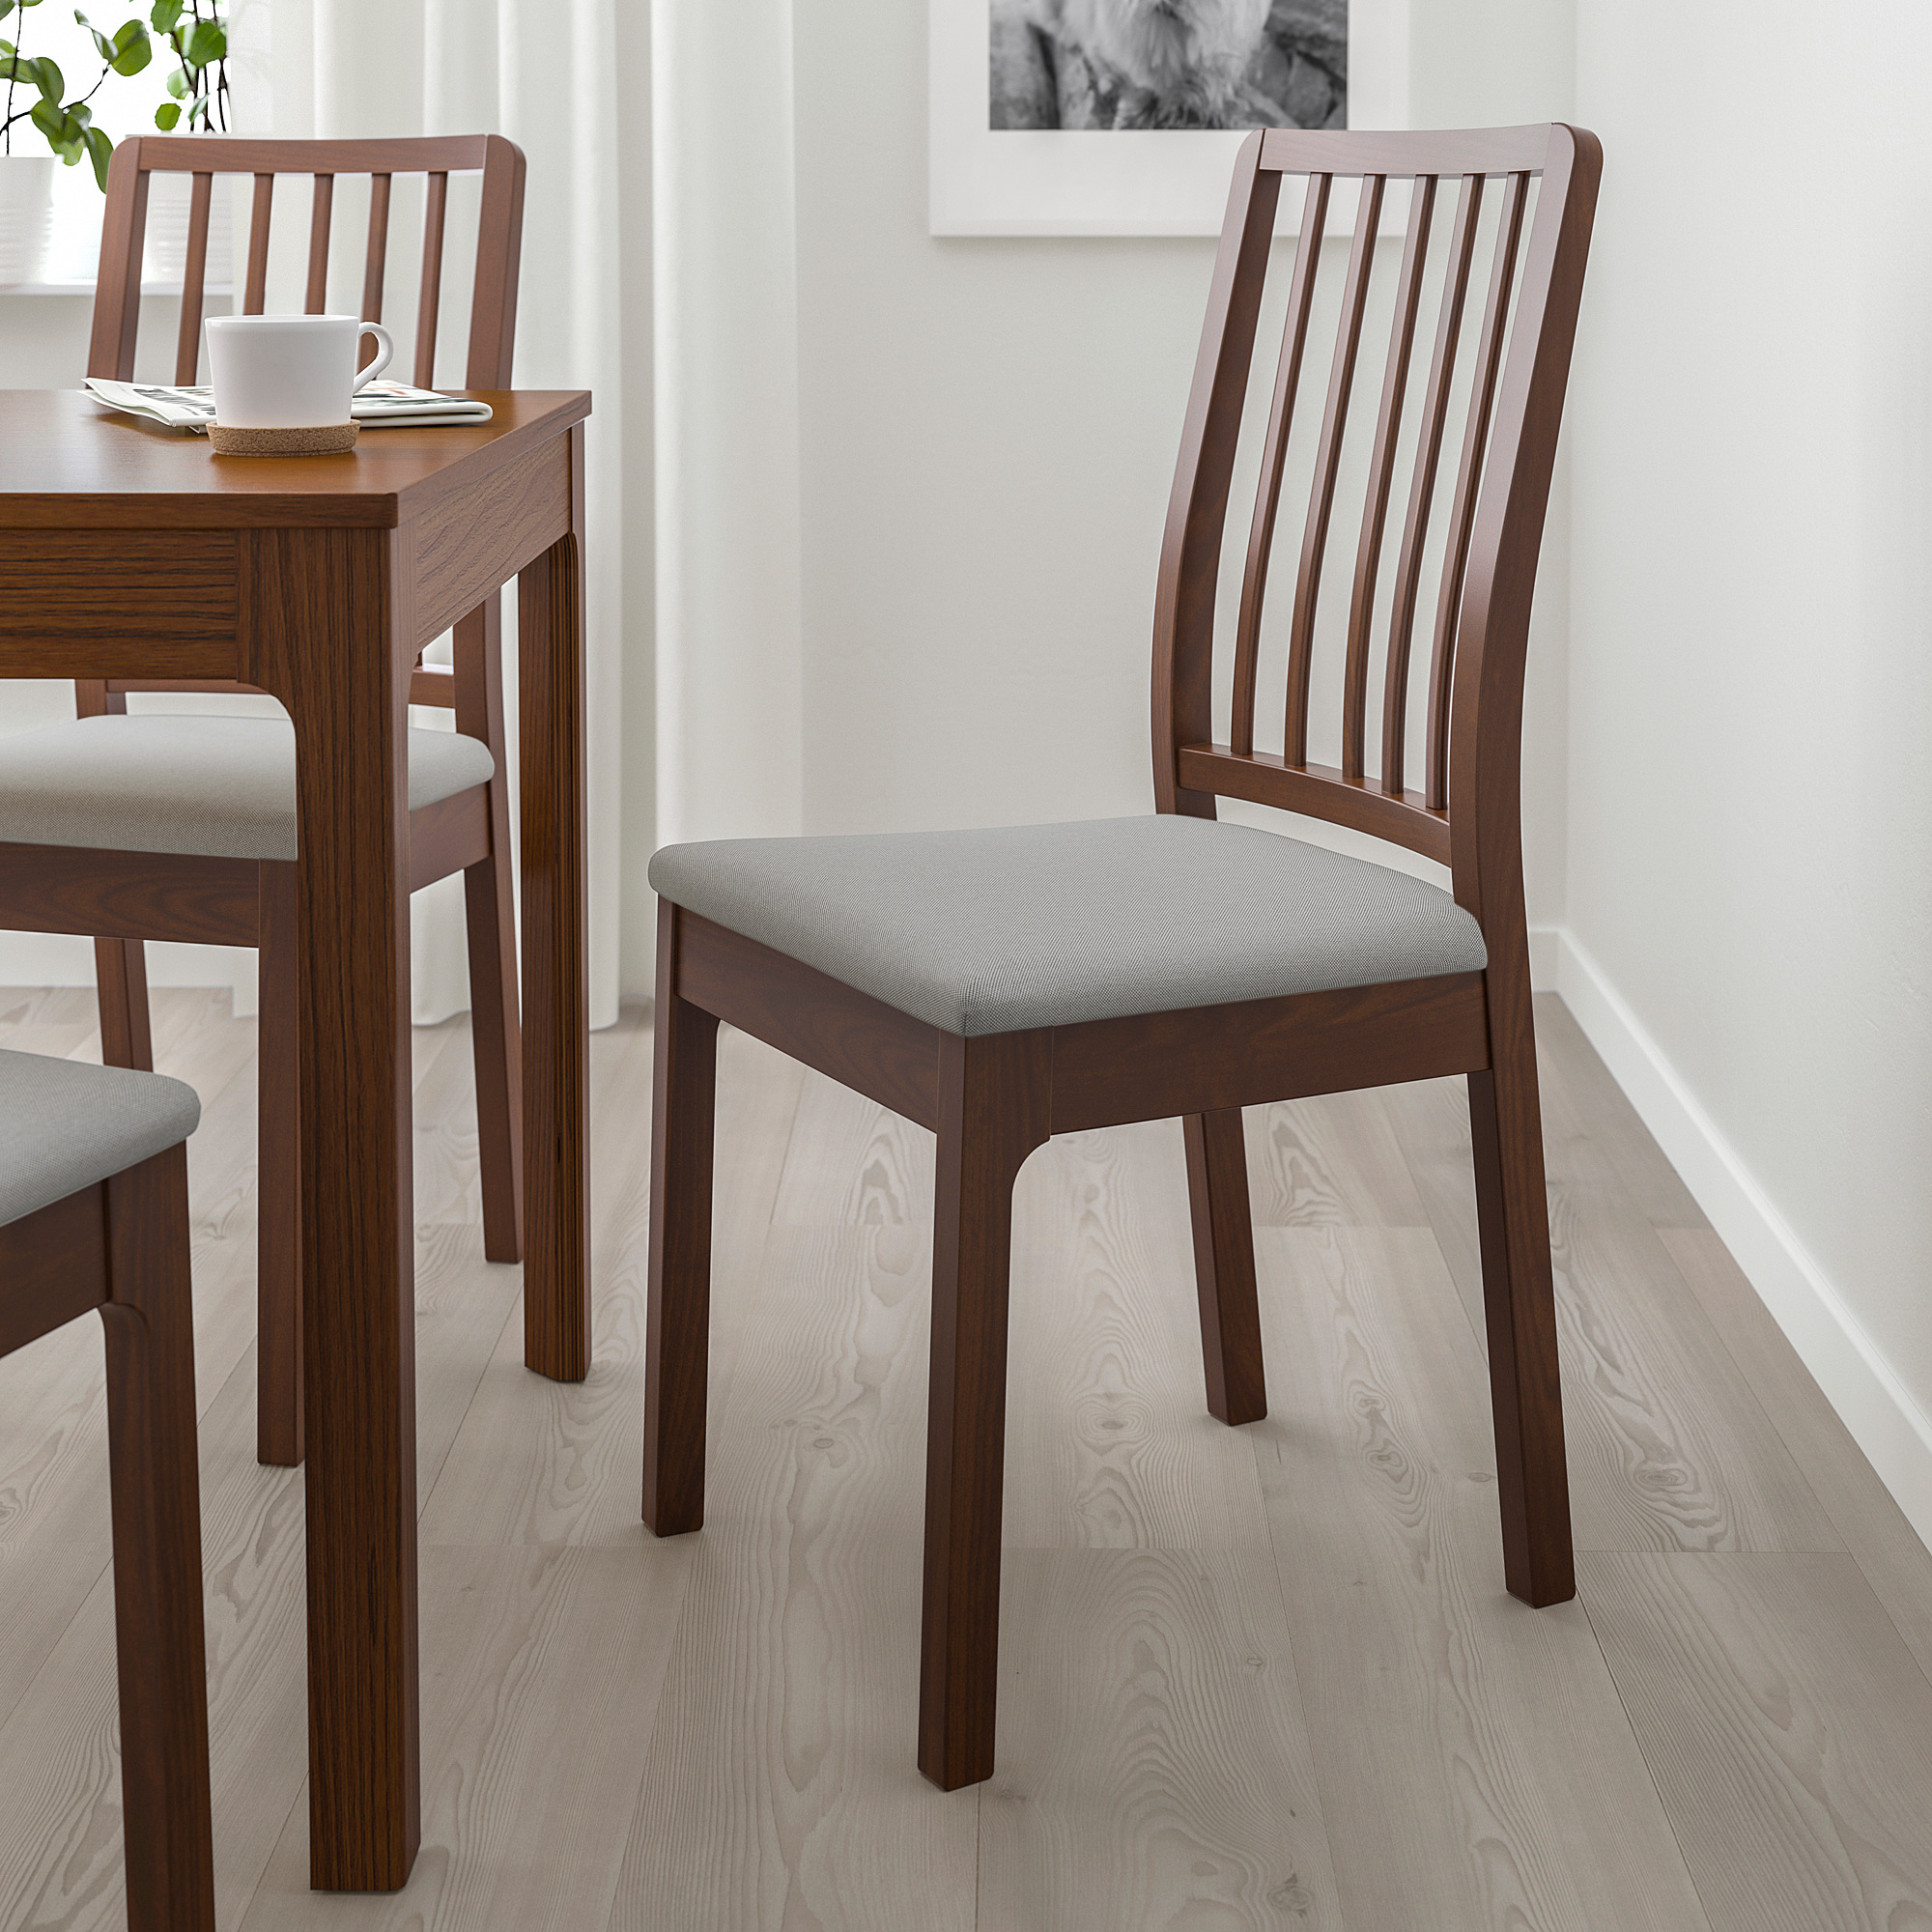 IKEA Estonia - Osta mööblit, valgusteid, koduaksessuaare ...